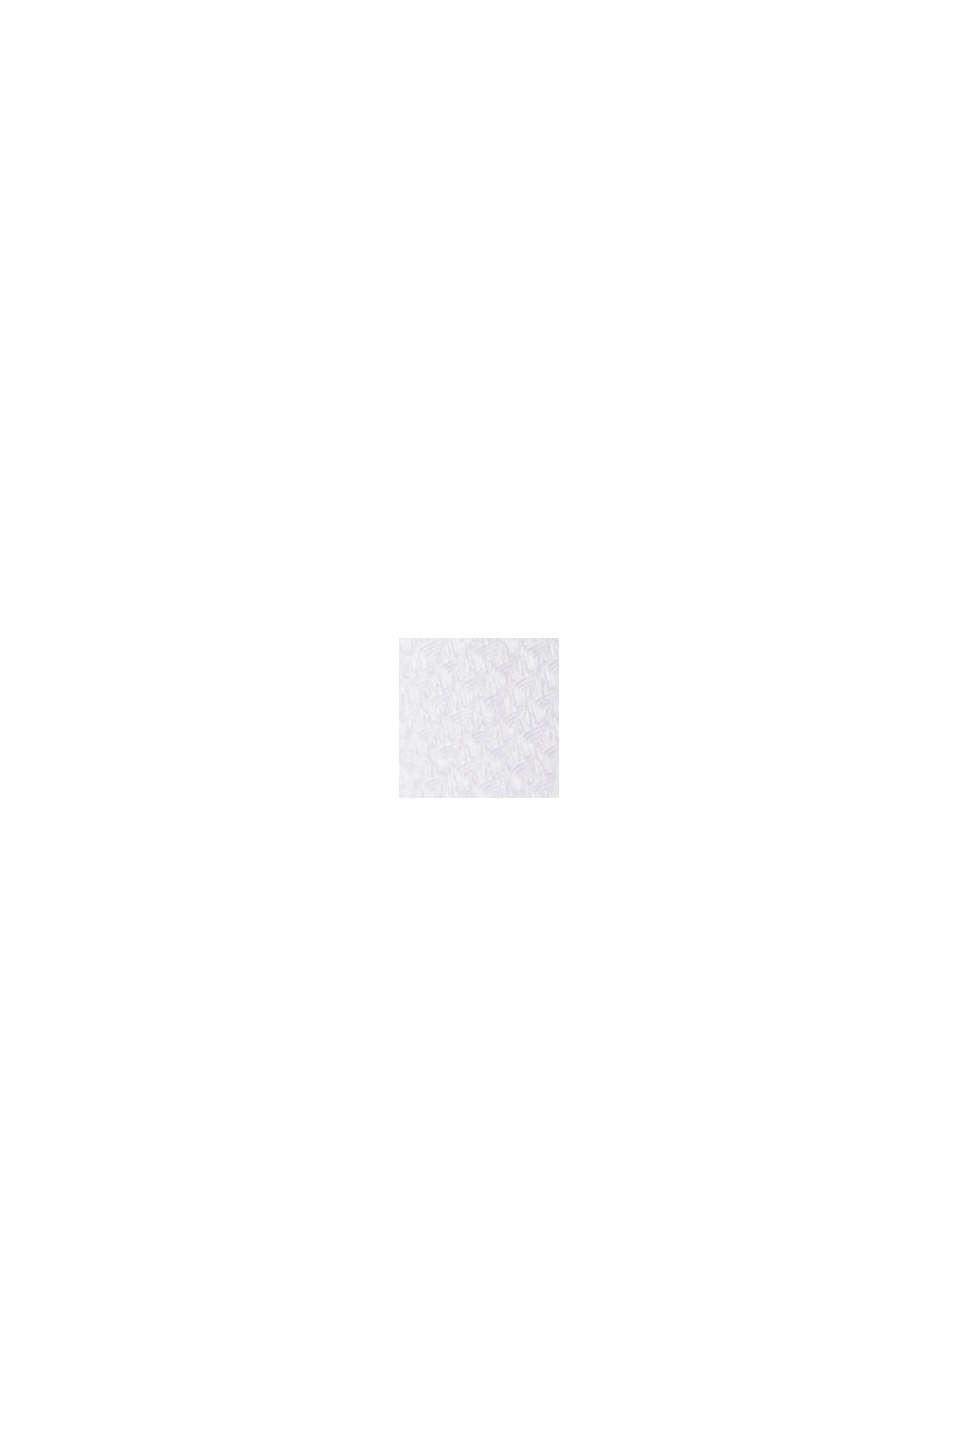 Overhemd met korte mouwen en structuur, biologisch katoen, WHITE, swatch